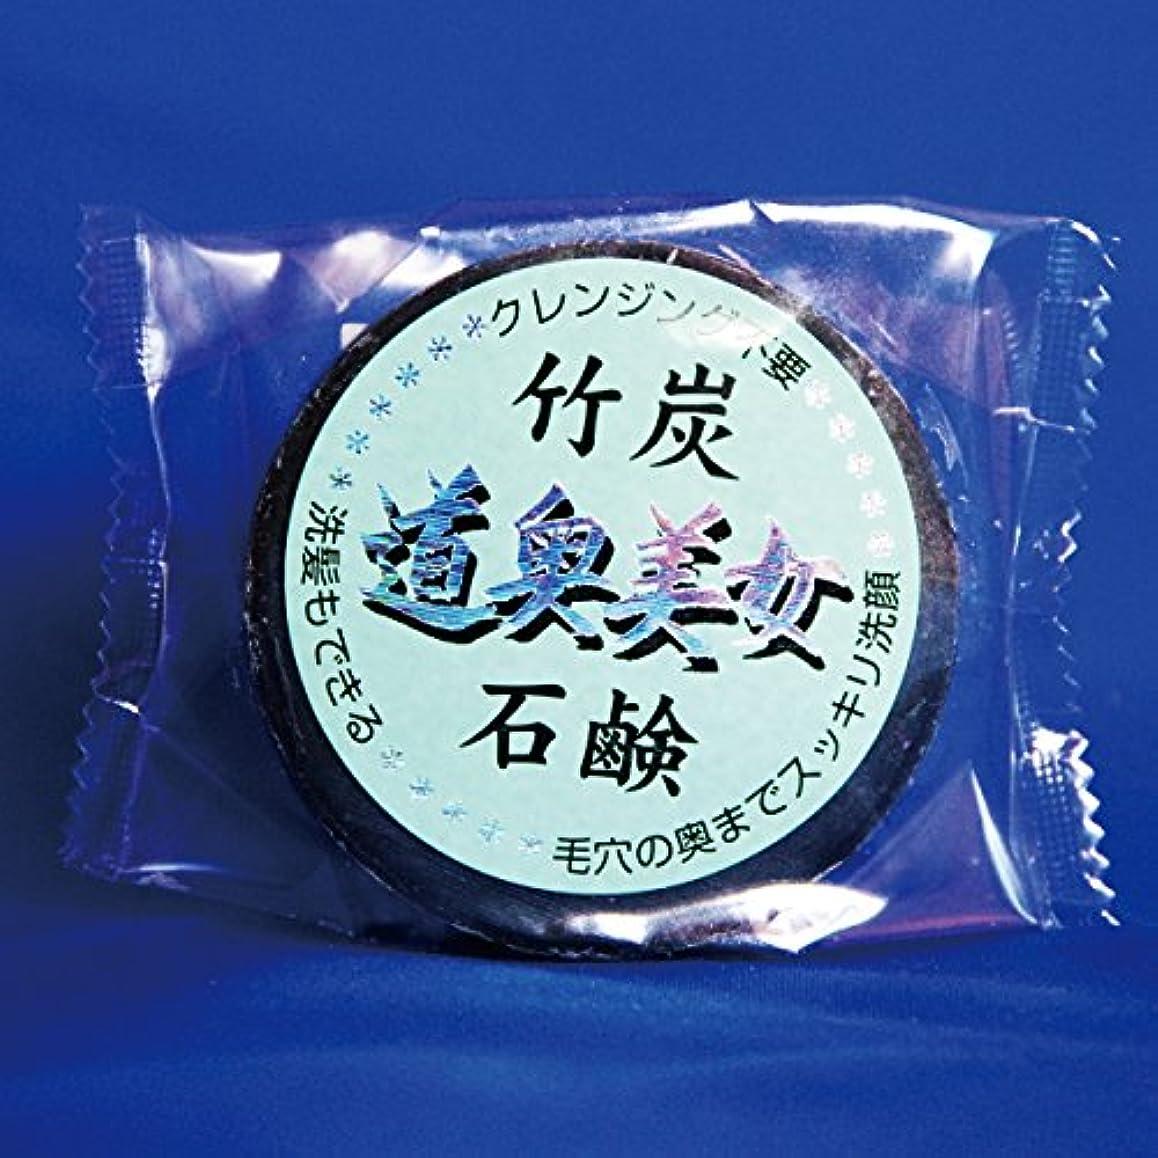 アラブ人タバコおもちゃ竹炭石鹸 100g クレンジング不要 (100g) 手作り透明石鹸 化粧石ケン